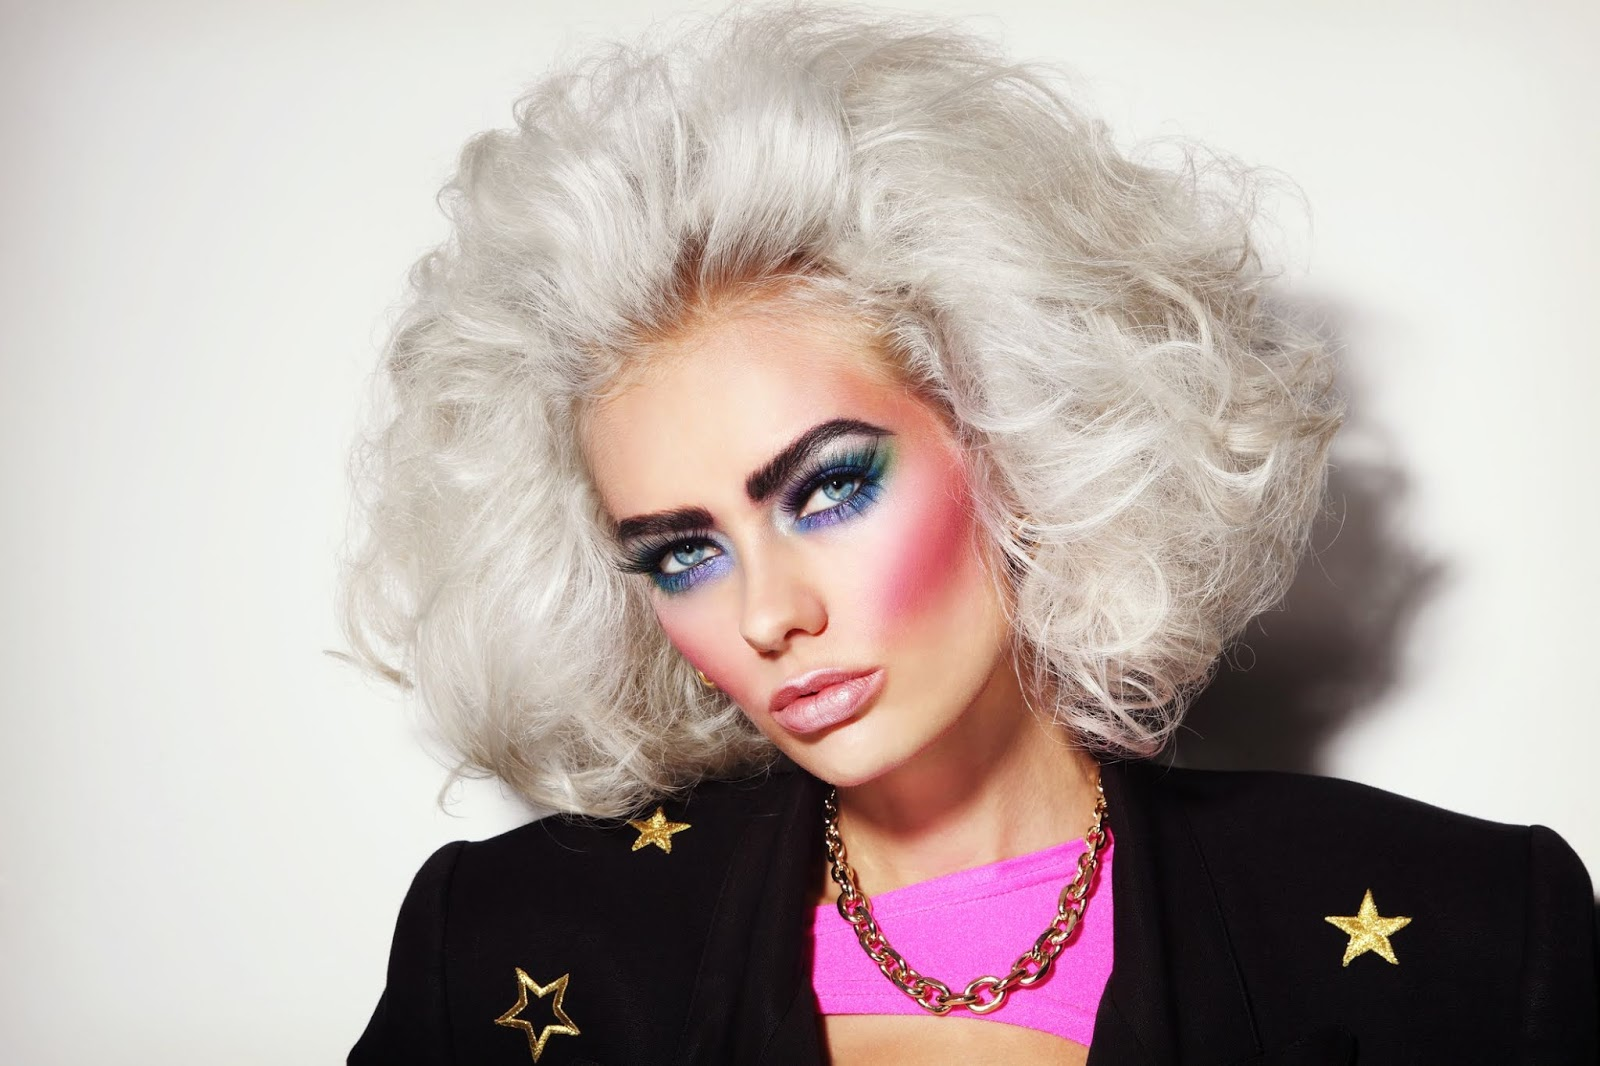 Dani Serpa Os Anos 80 Estão De Volta Na Maquiagem